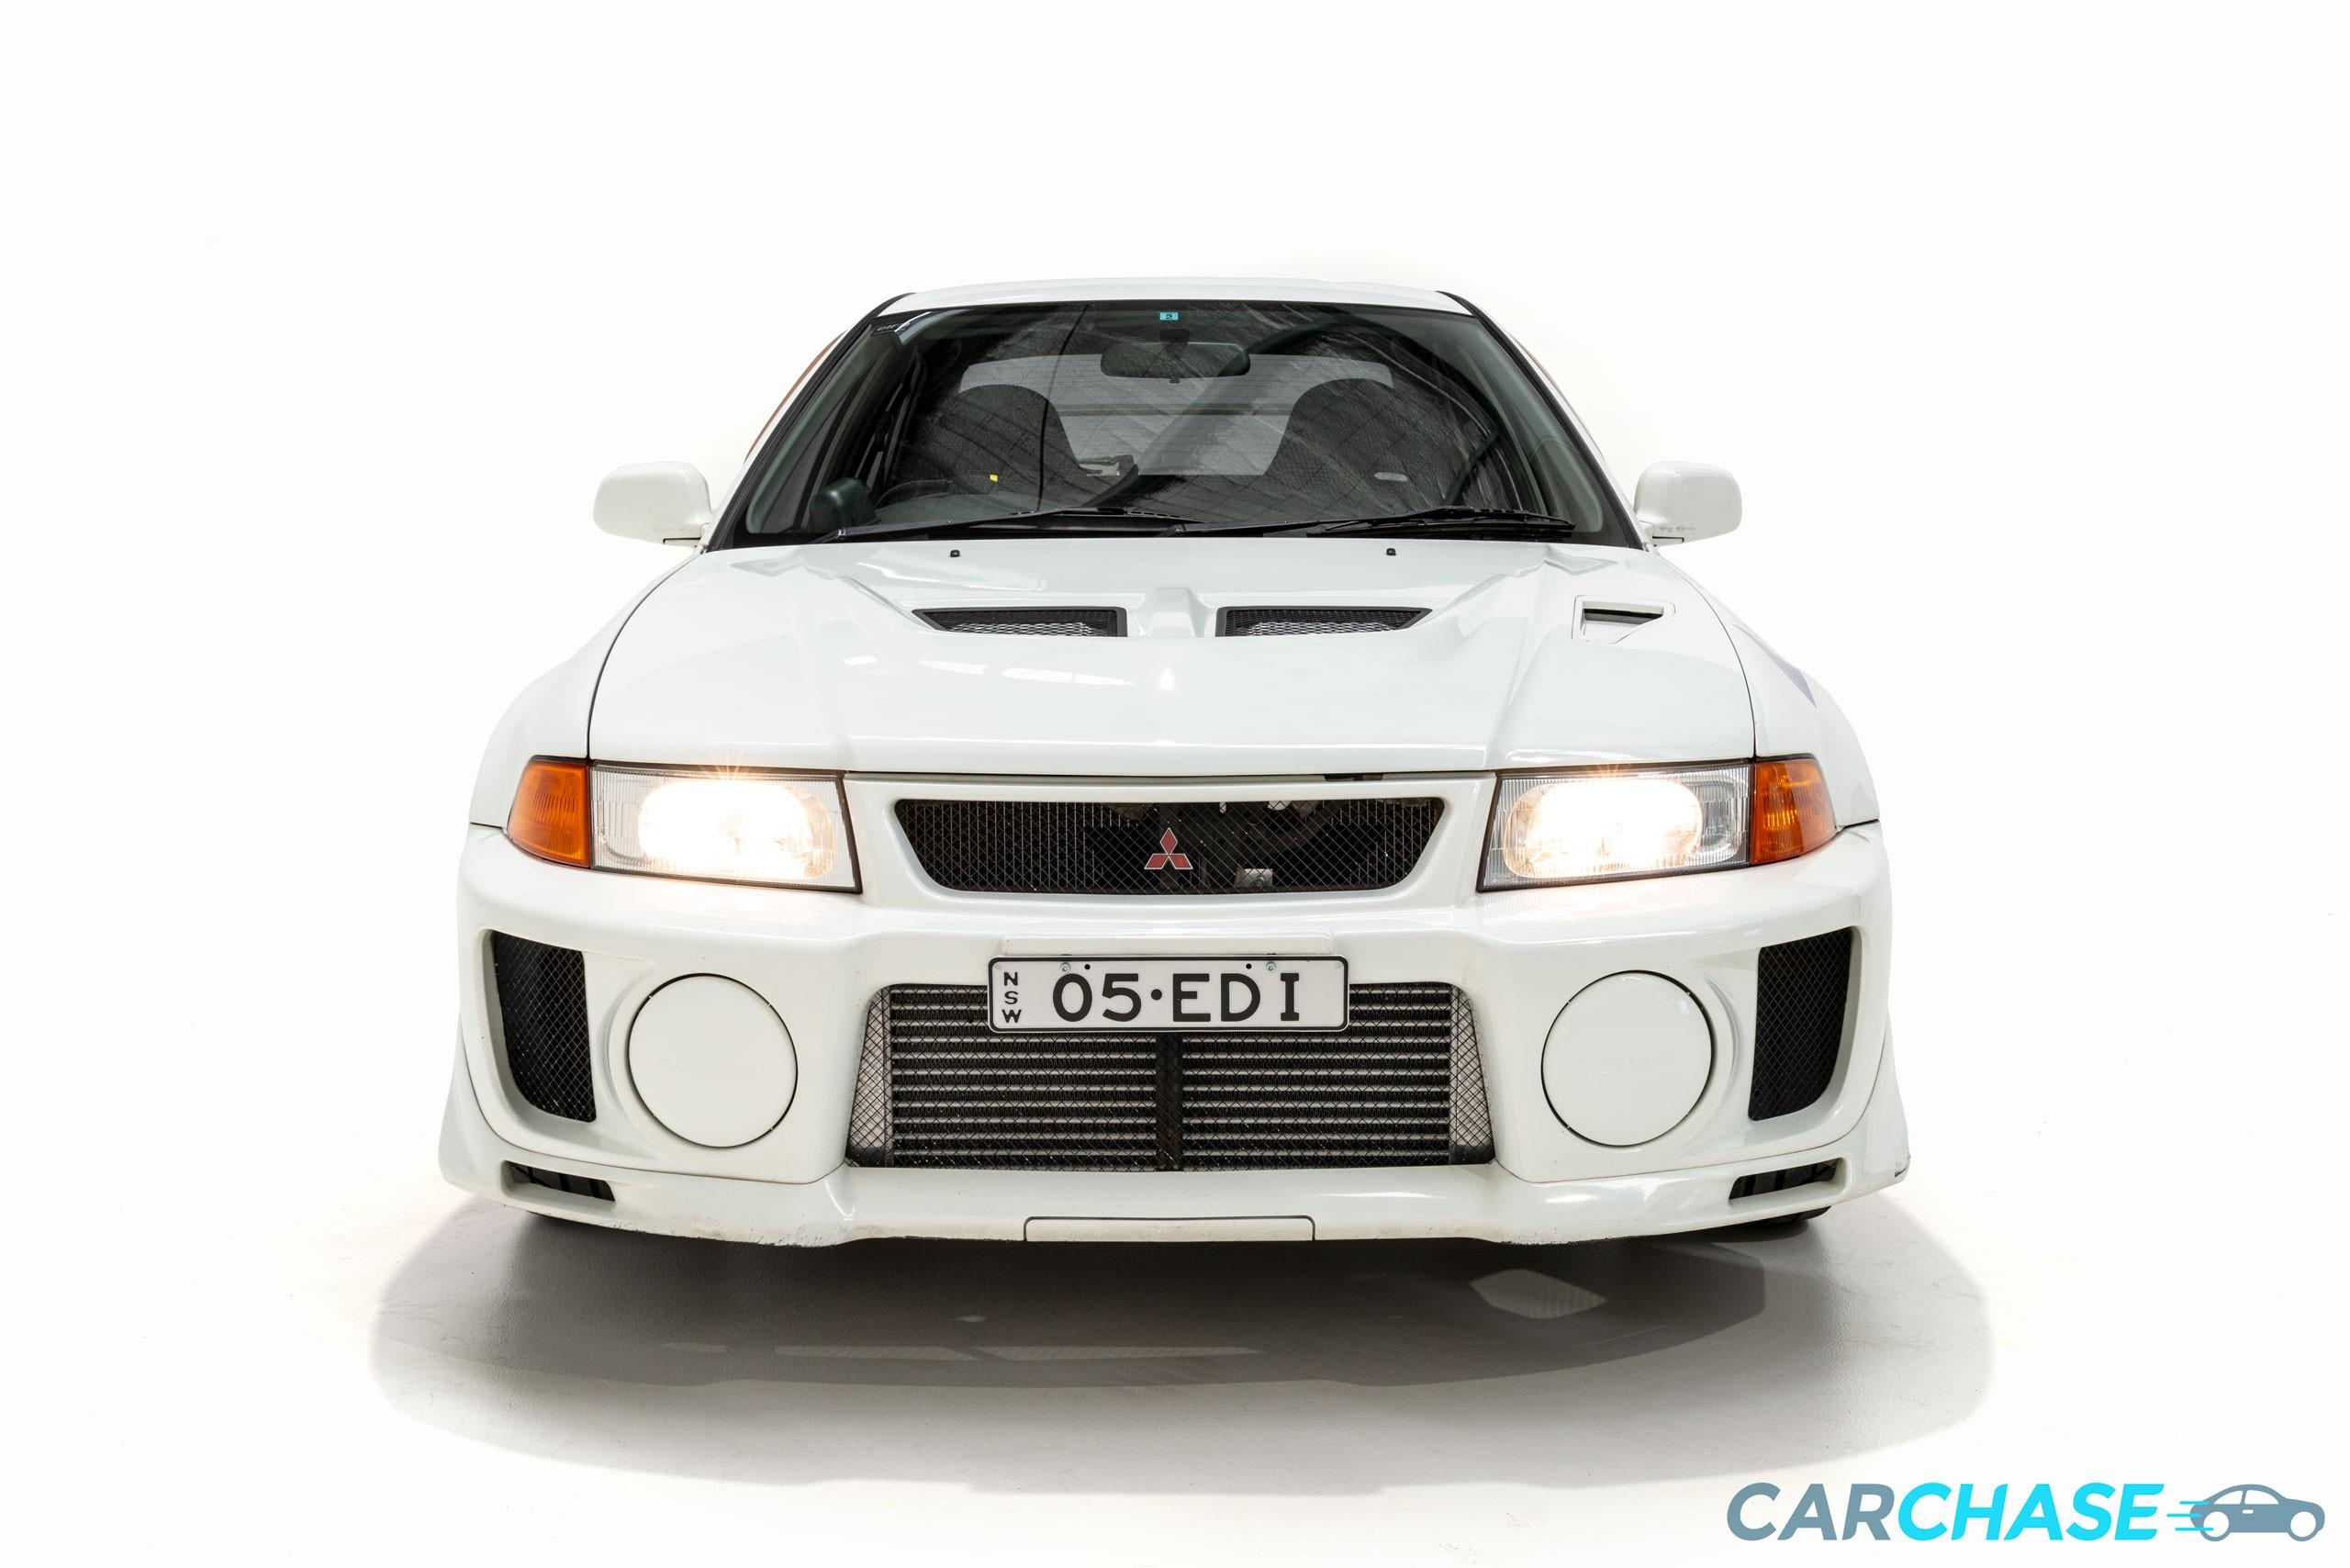 Image of front profile of 1998 Mitsubishi Lancer Evolution V